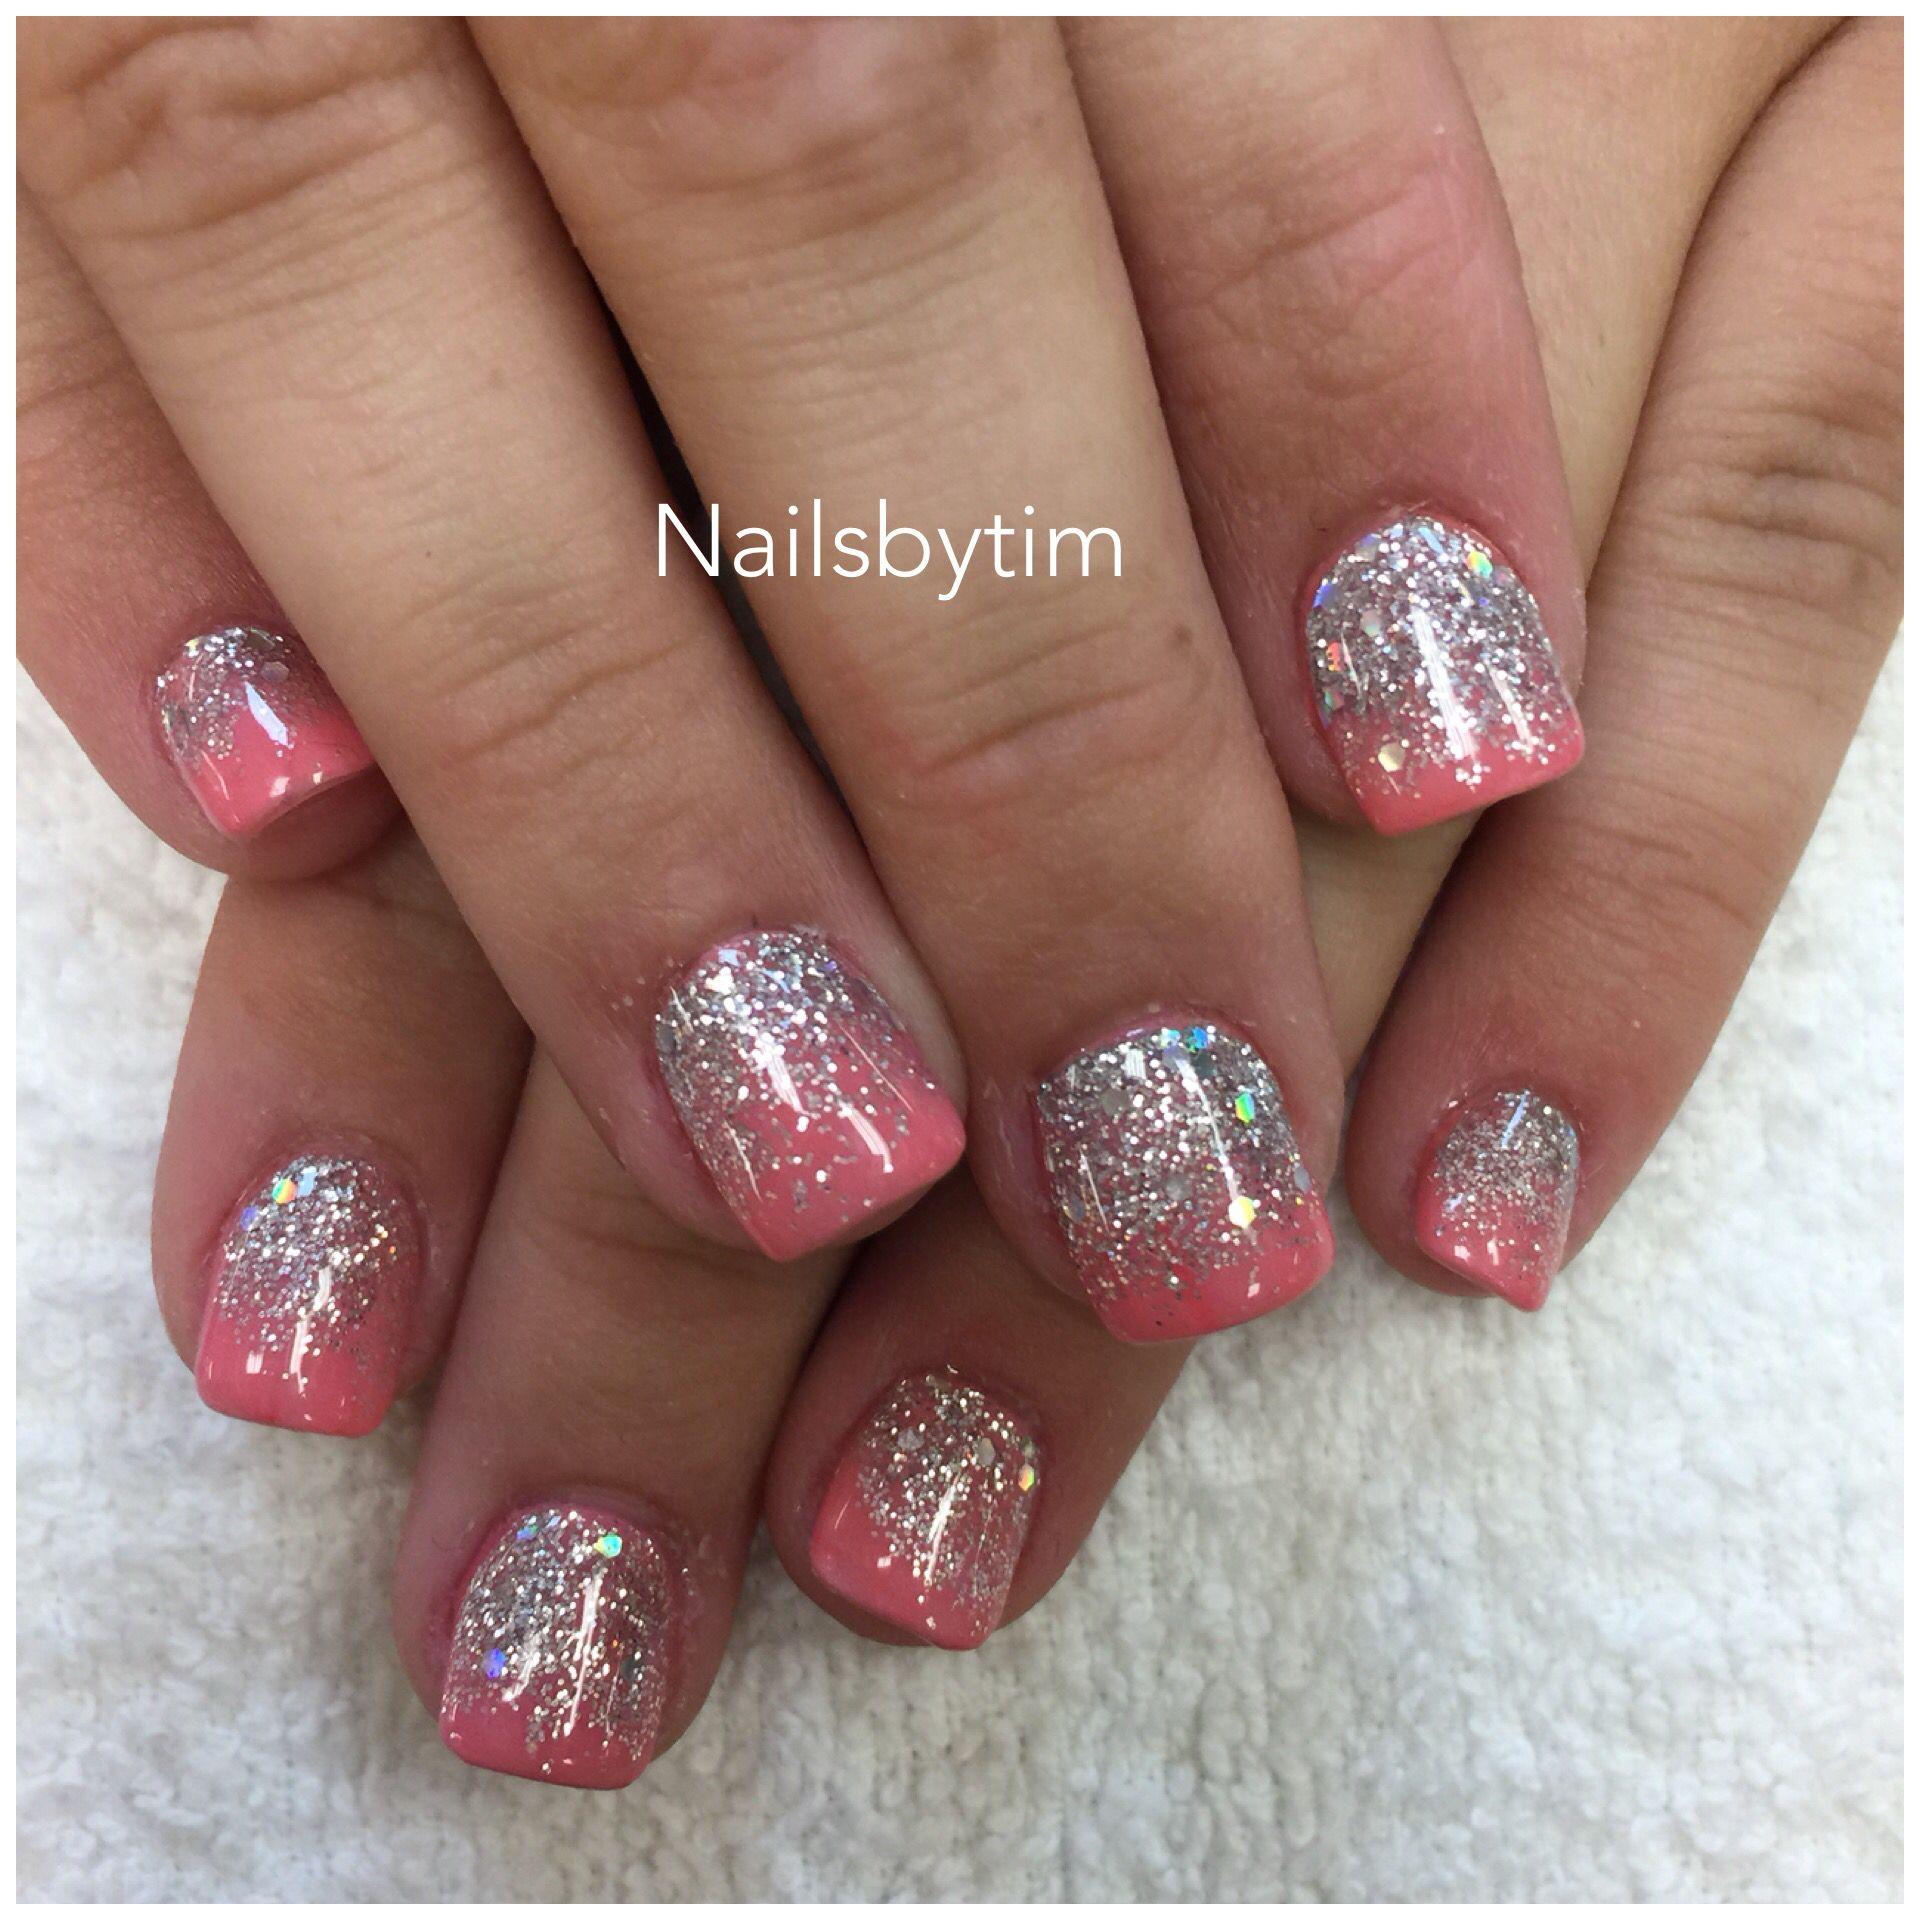 Solar nails | Nails art design | Pinterest | Solar, Makeup and Nail nail